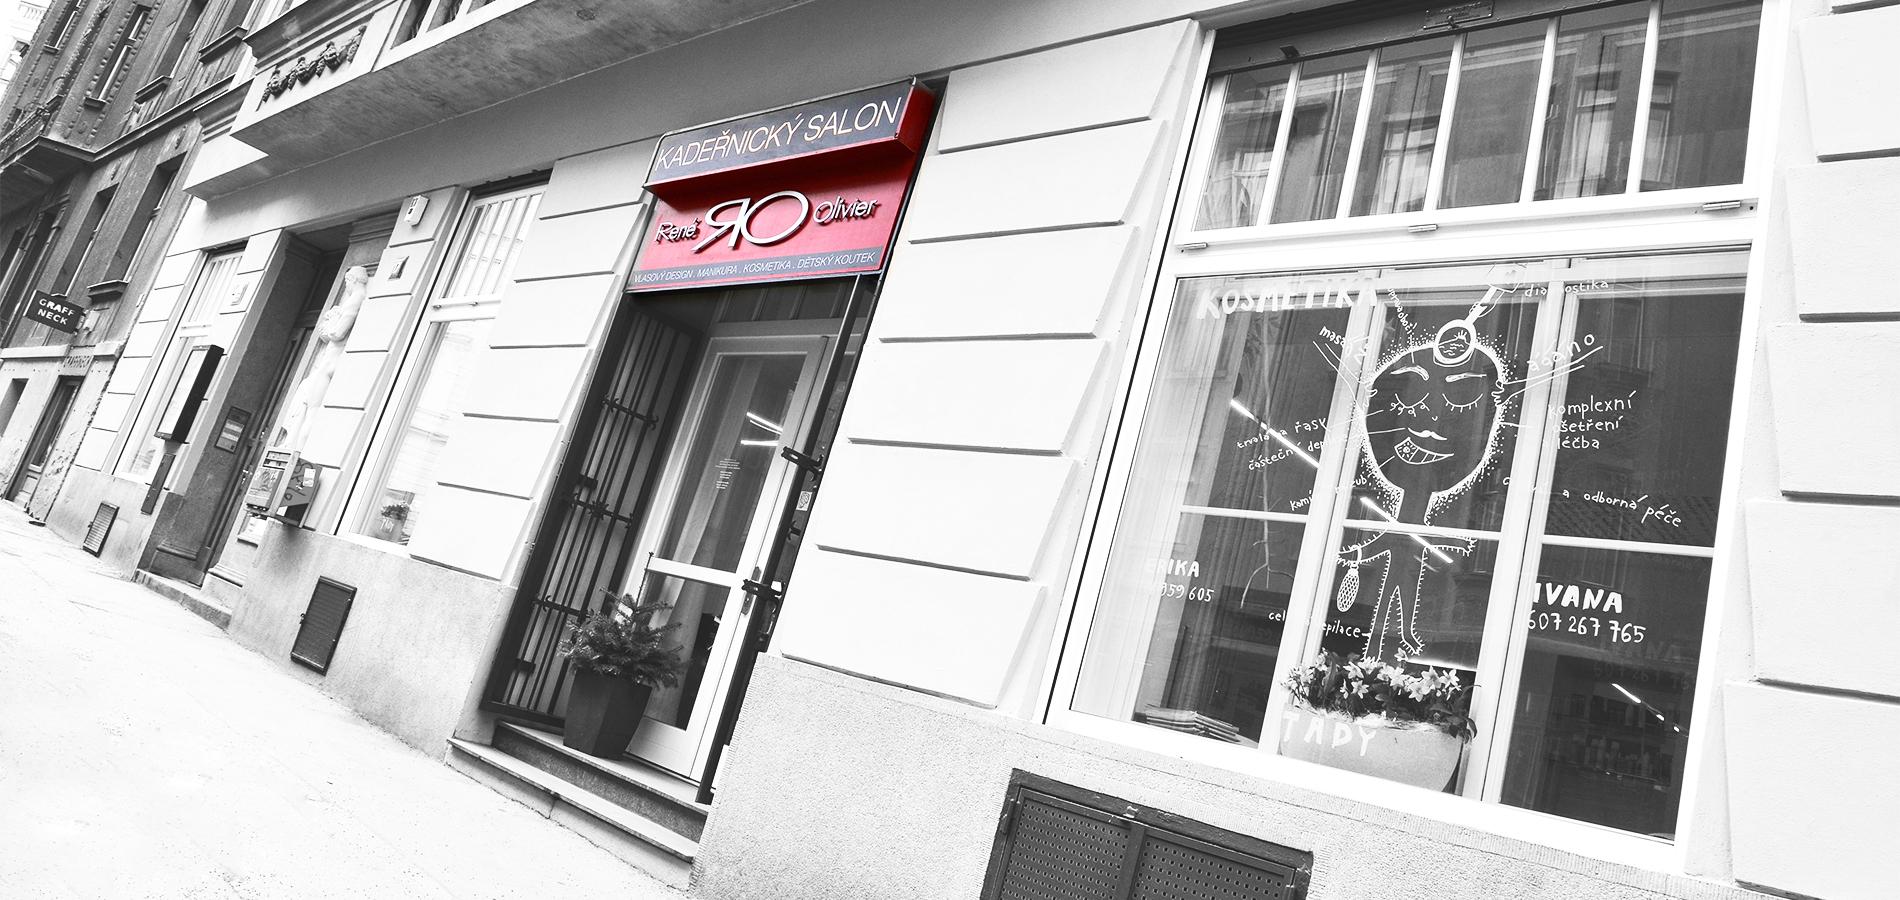 Navštivte první pražský kadeřnický salon